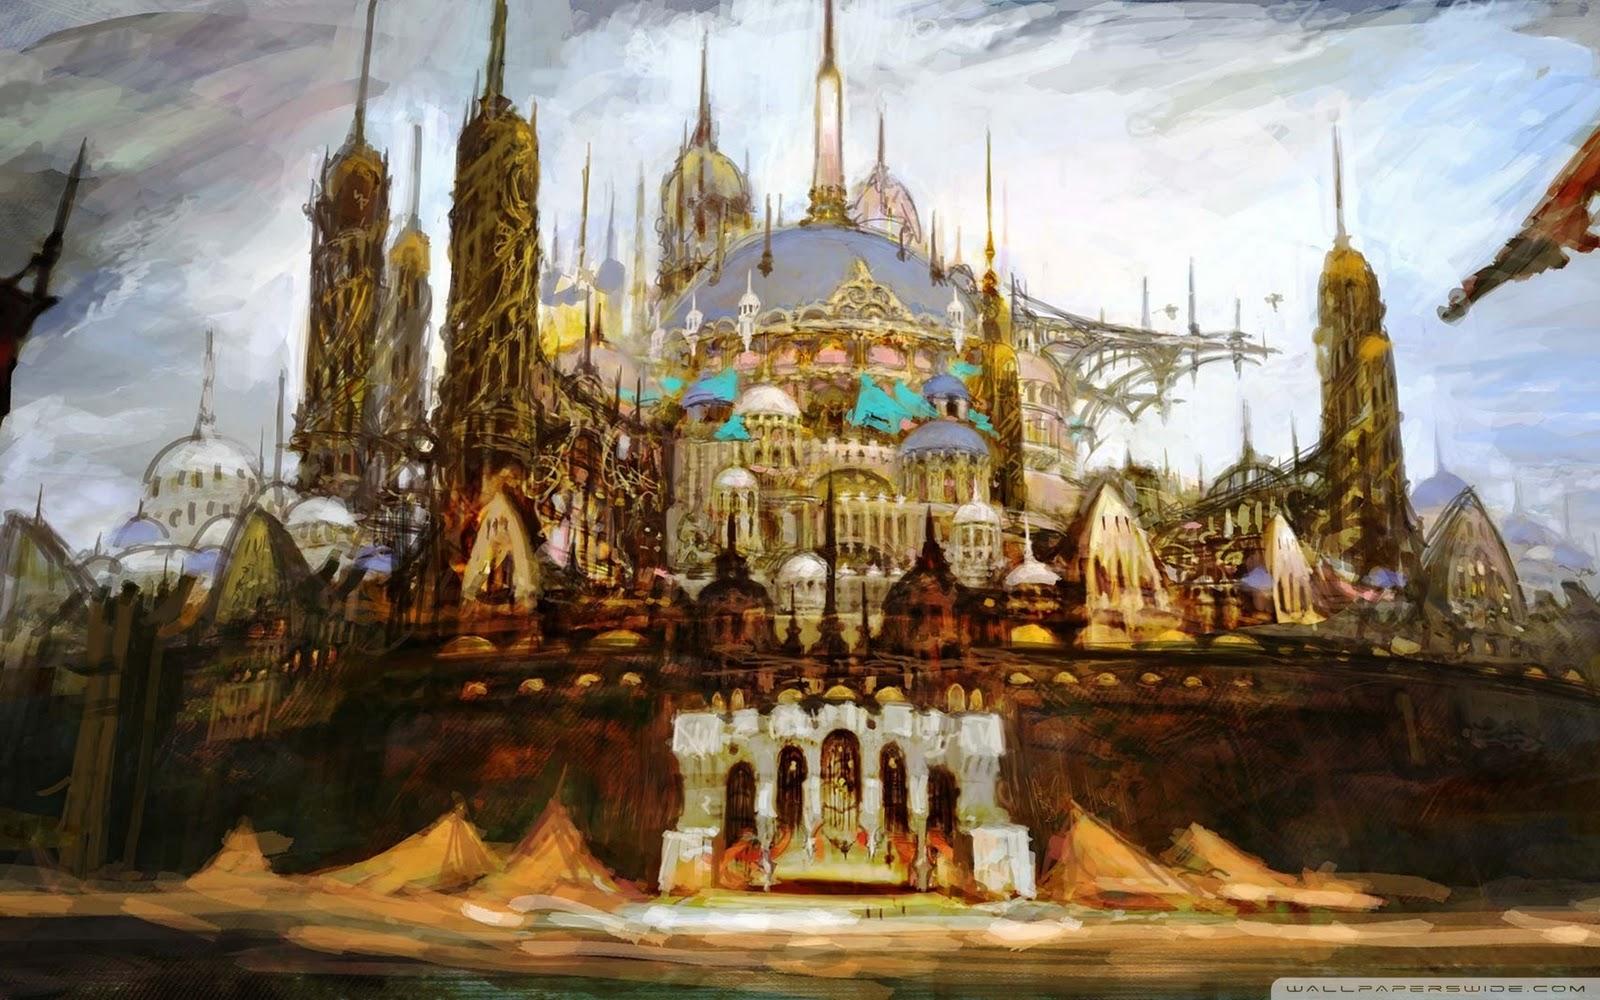 http://1.bp.blogspot.com/-SbQjikzci2Q/Tv-dIvR6tHI/AAAAAAAADsk/VKnv4T4kNqI/s1600/final_fantasy_xiv_online_artwork-wallpaper-1920x1200.jpg